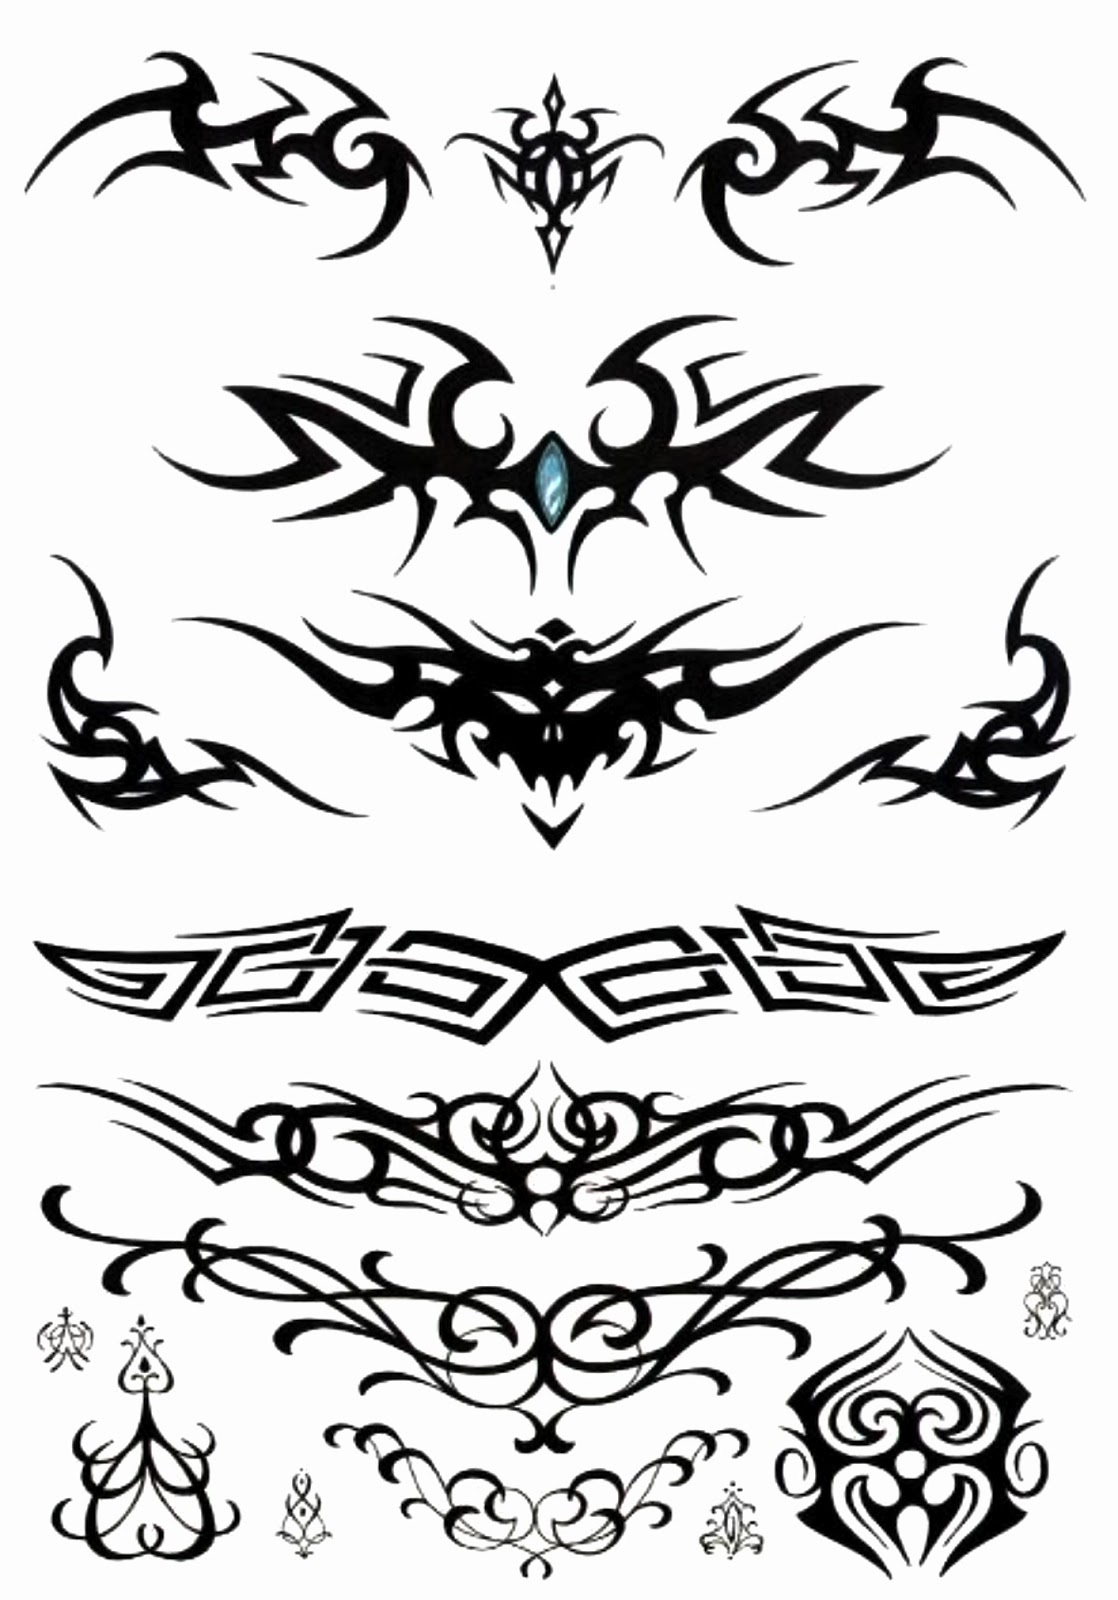 Horizontal Line Tattoo: Prince Tattoo: TRIBAL HORIZONTAL